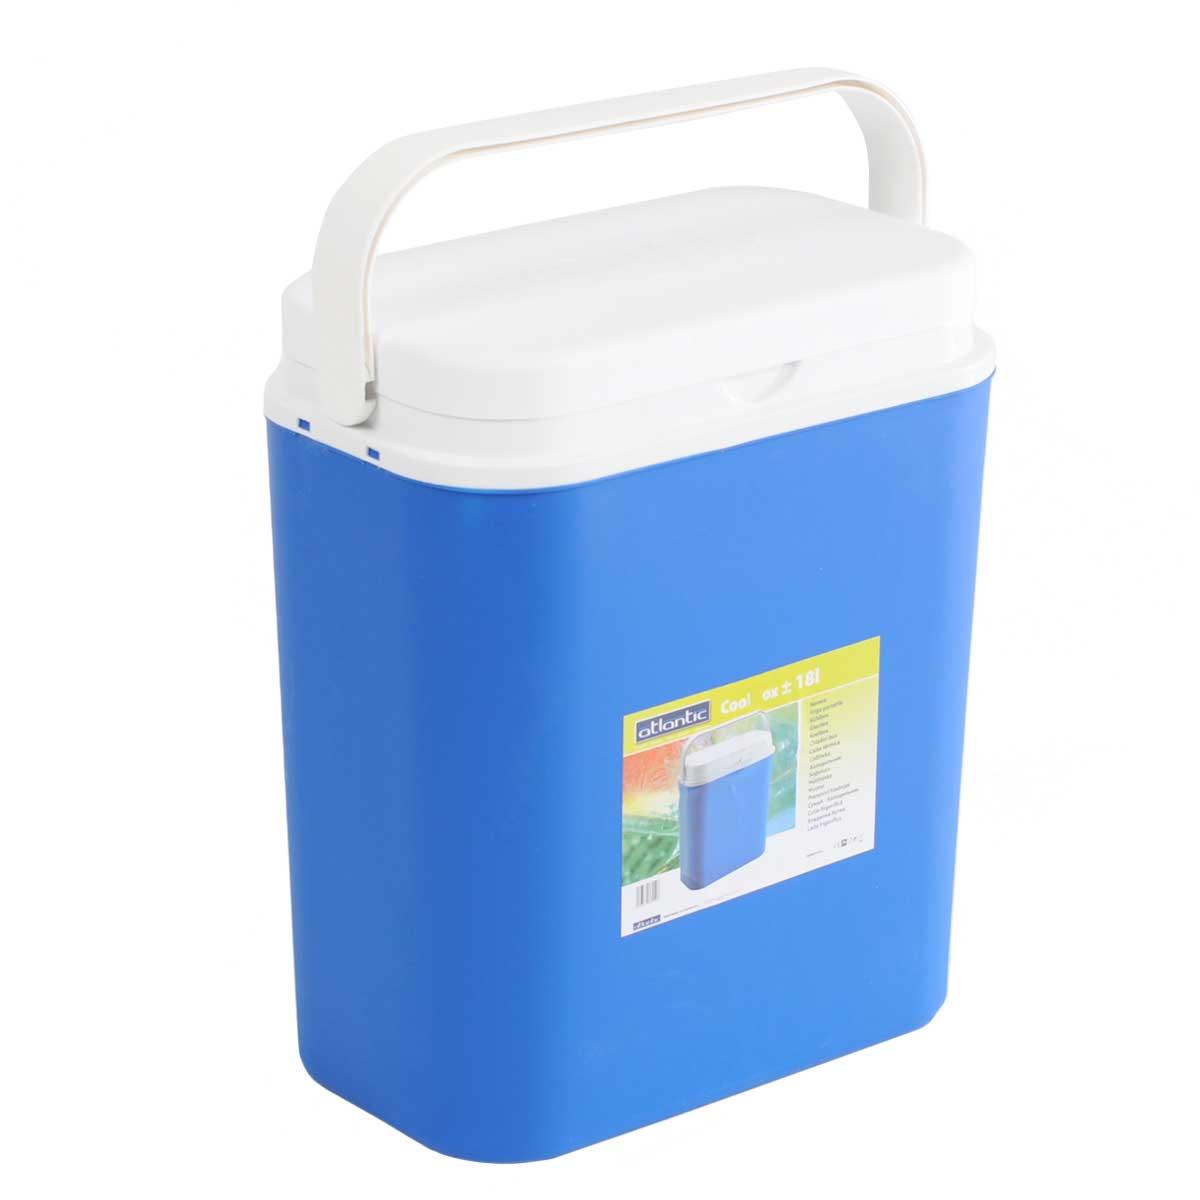 Контейнер изотермический Atlantic Cool Box, цвет: синий, 18 л контейнер термоизоляционный на украине